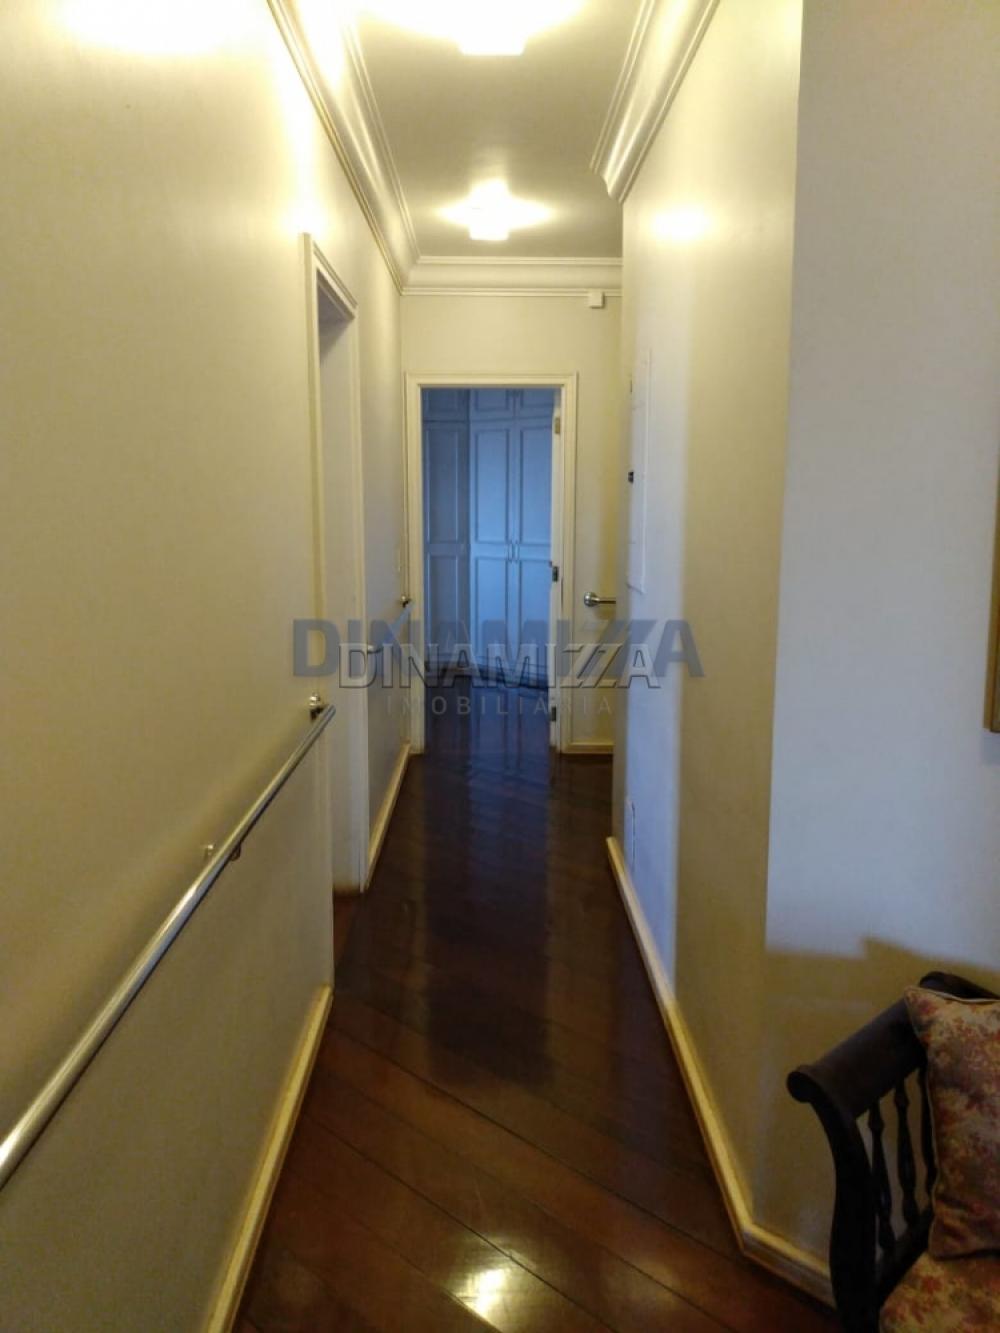 Alugar Apartamento / Padrão em Uberaba apenas R$ 2.200,00 - Foto 11